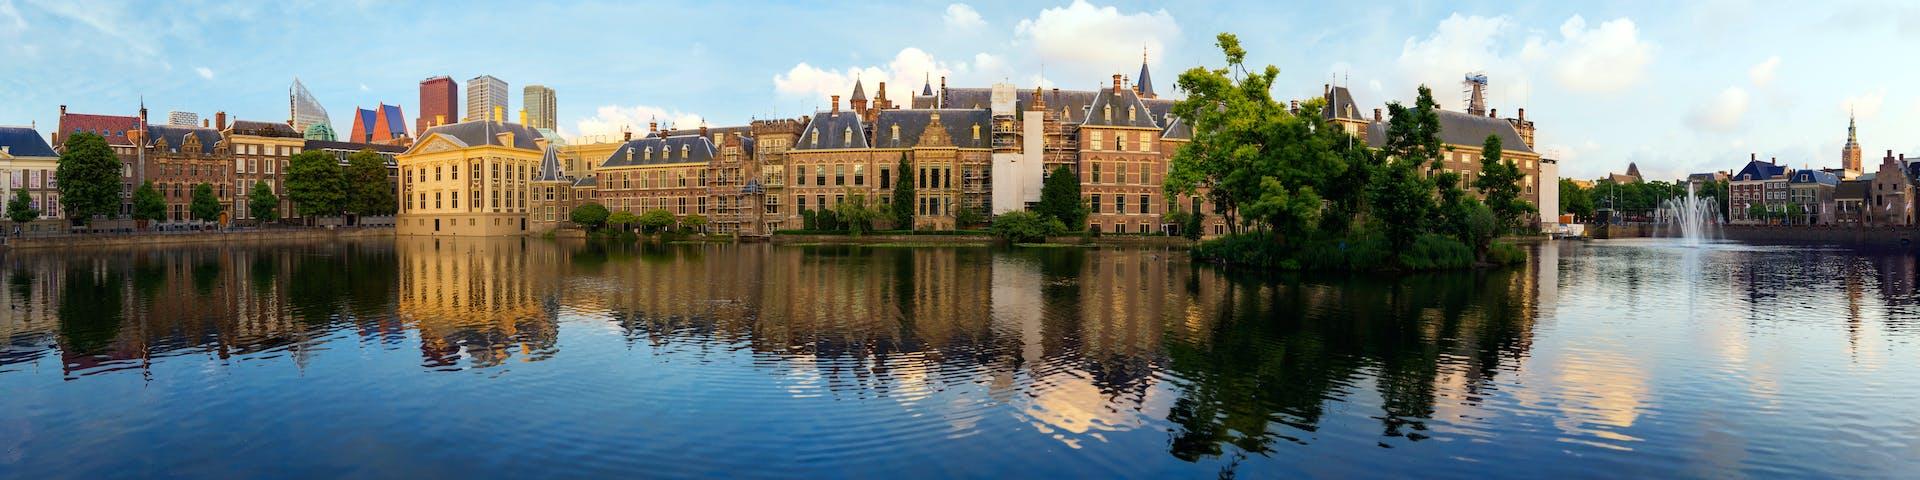 PhD Programmes in Den Haag - Netherlands - PhDPortal com